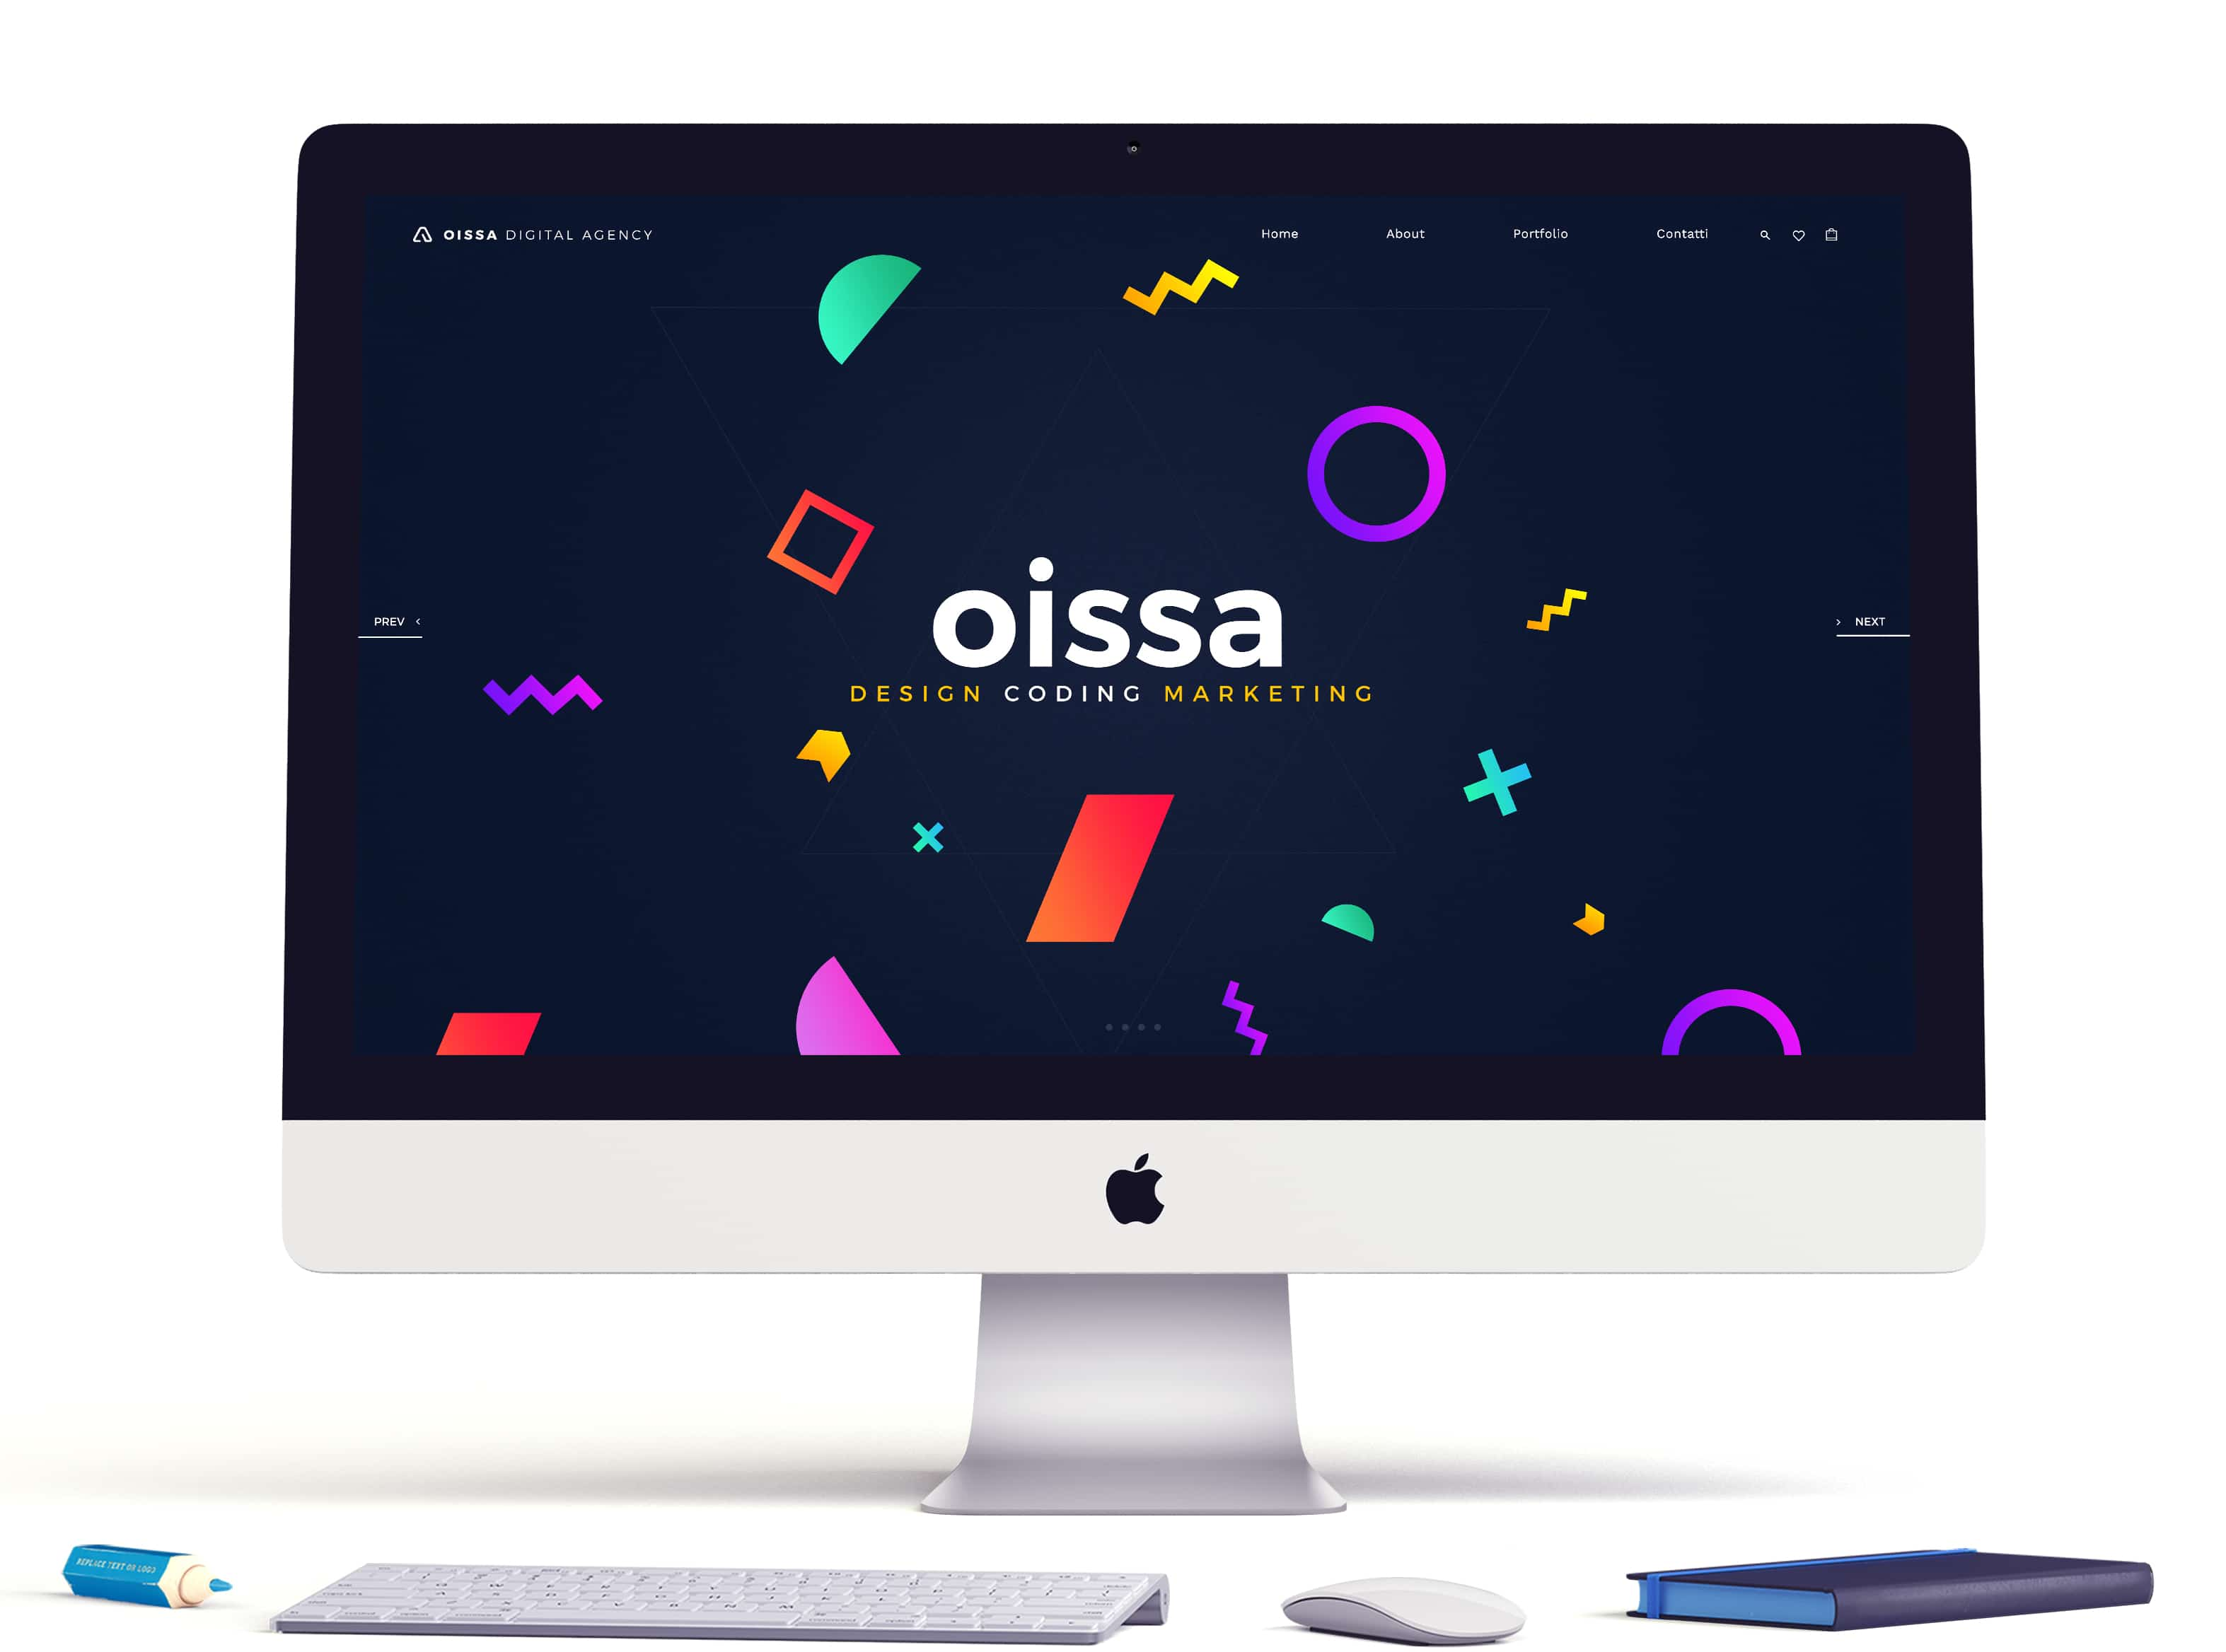 Oissa Homepage 4